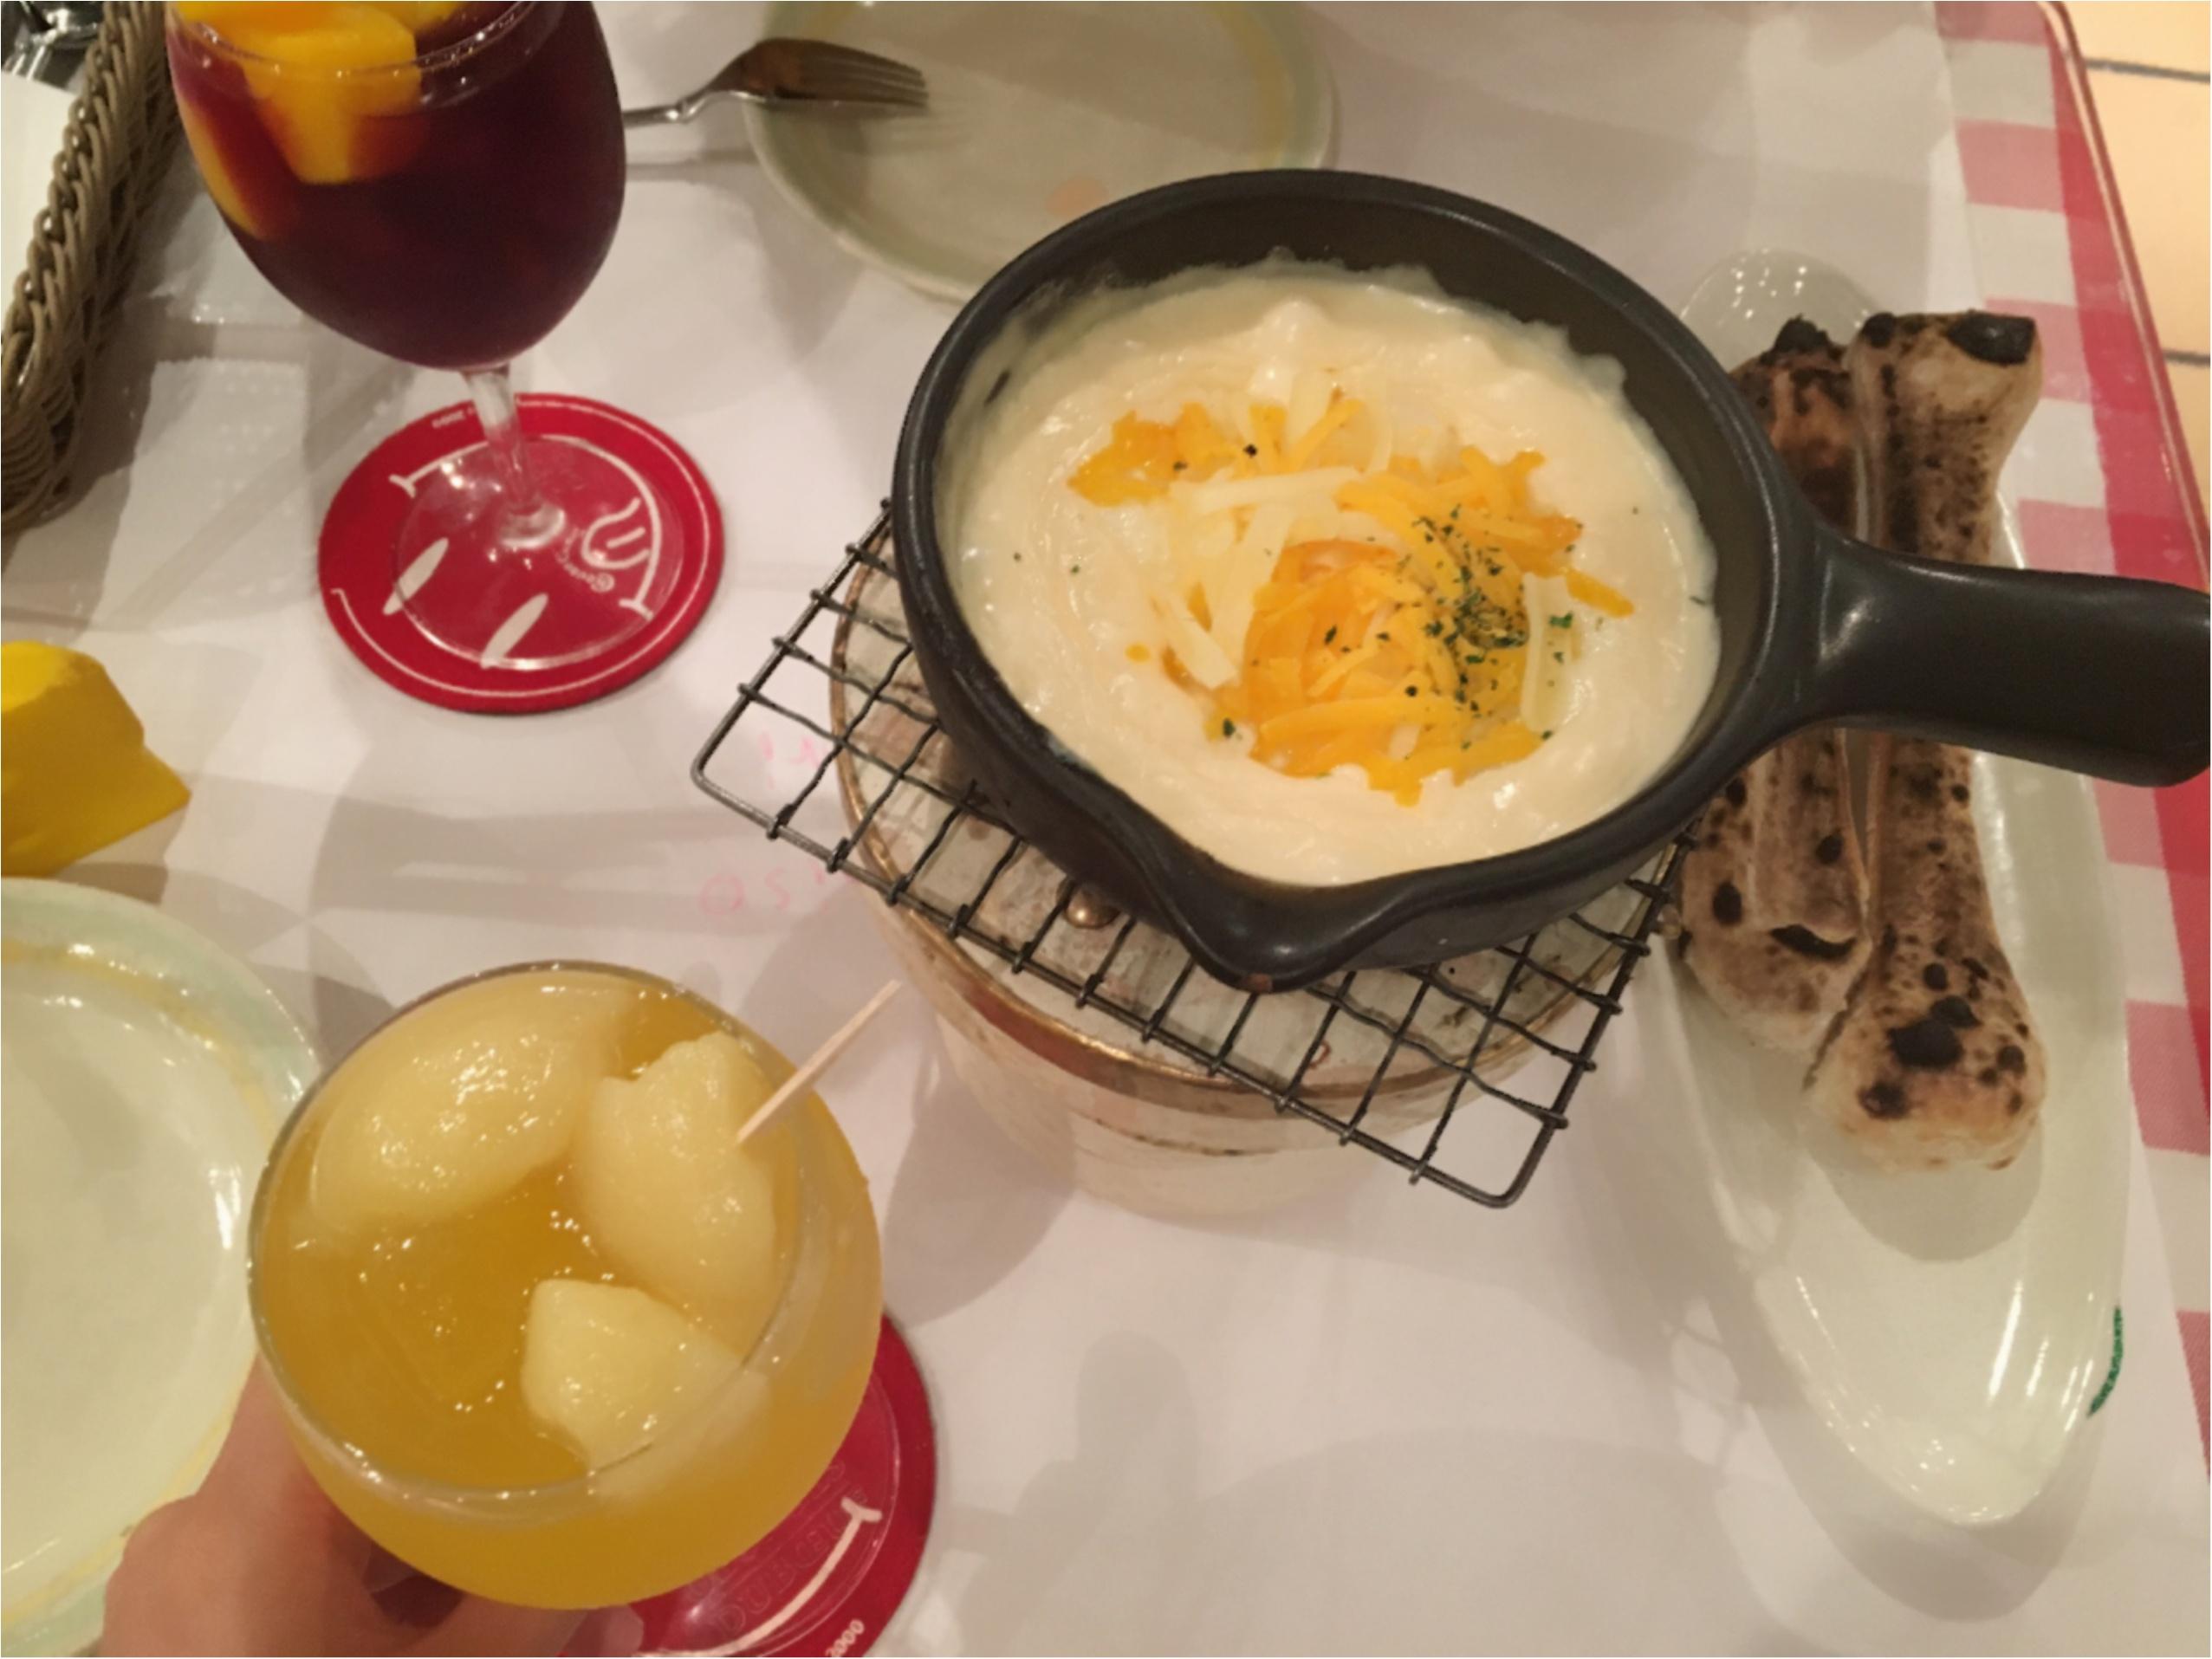 予約が取れない人気店!横浜チーズカフェに予約なしで入れちゃいました‼︎_6